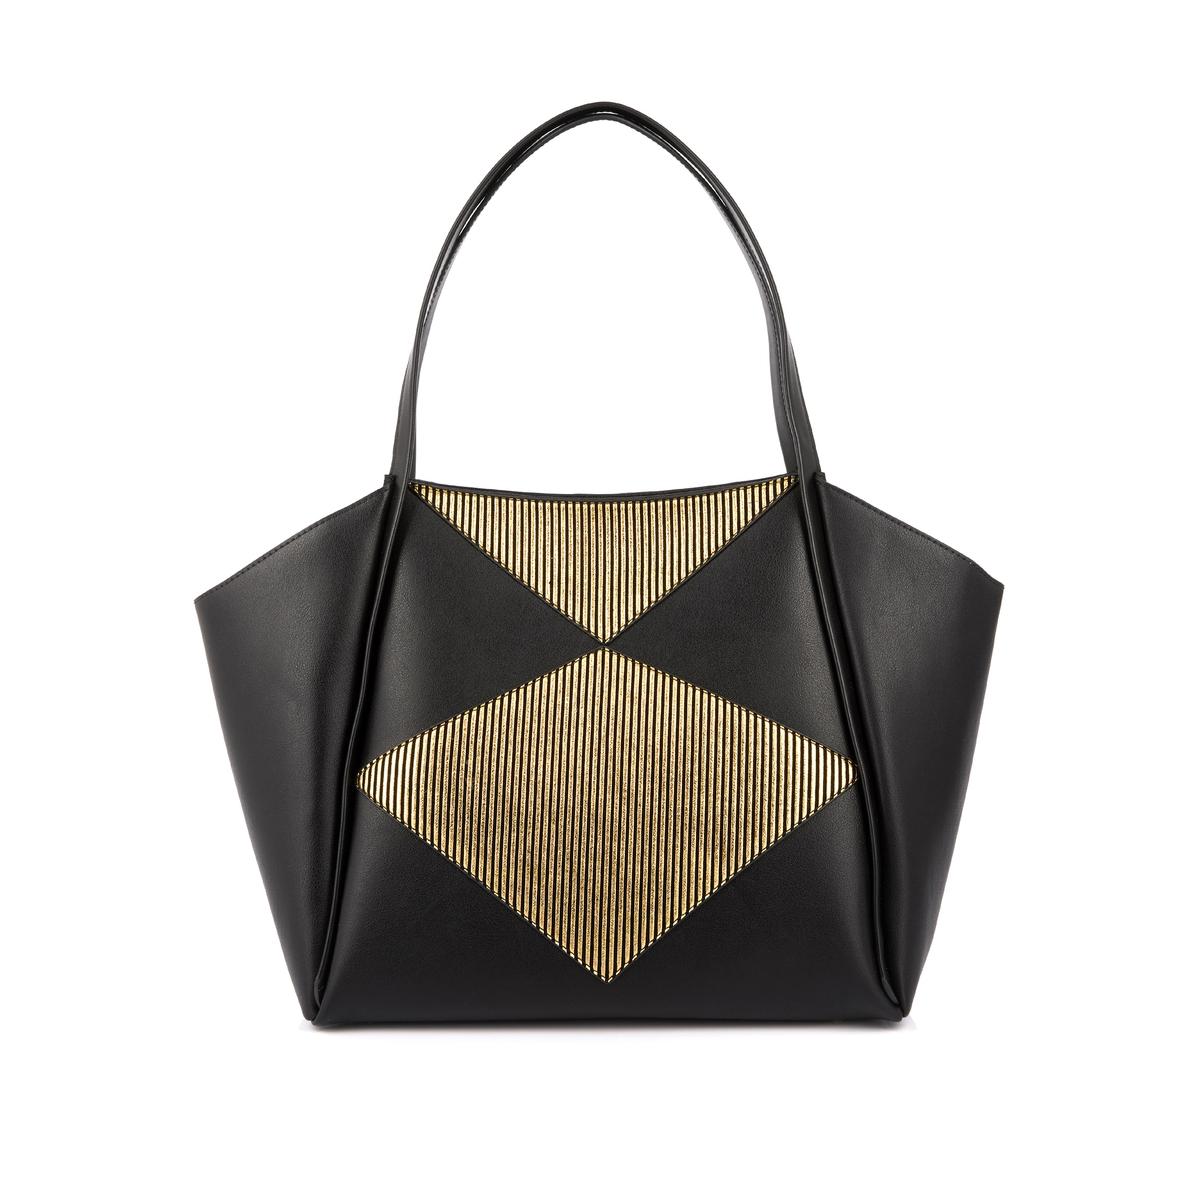 Сумка-шоппер CralineОписание:Красивая сумка-шоппер современной формы в графичном и изящном стиле от Mellow Yellow. Практичная, с 2 внутренними карманами : идеальна для шоппинга !Состав и описание : Материал : верх из синтетики              хлопковая подкладка Марка : Mellow YellowМодель : Craline Размеры  :  Длина по низу : 29 см -  Общая длина : 46 см - Высота : 27,5 см - Глубина : 14 смЗастежка : на молниюВнутренний карман на молнии 18 x 10,5 см  Внутренний накладной карман 17 x 9,5 смРучка 46,5 см<br><br>Цвет: черный + золотистый